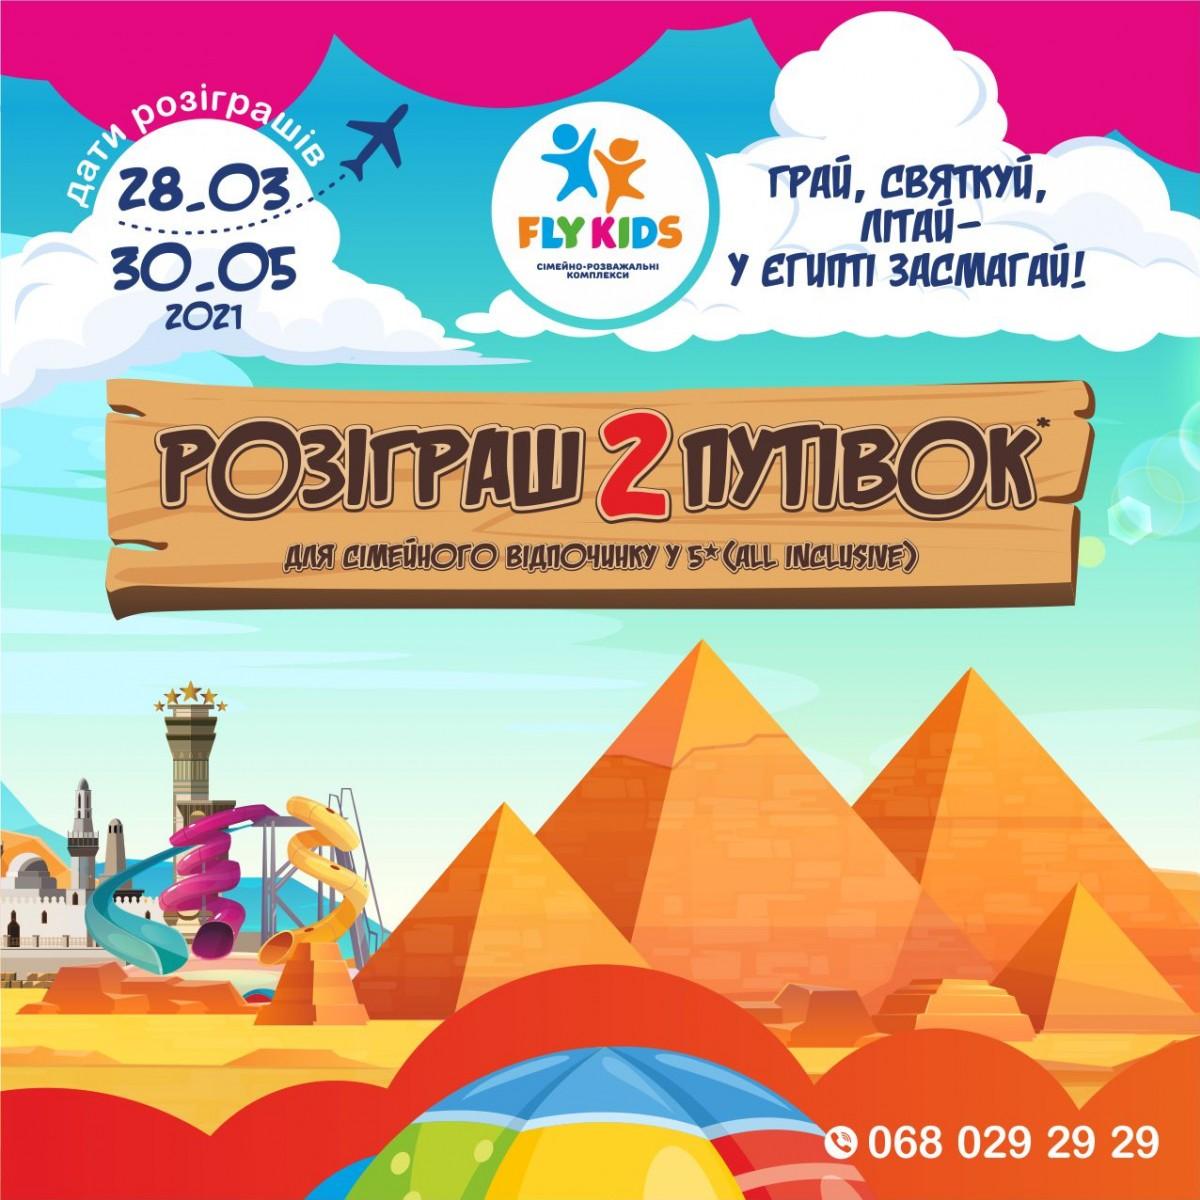 Fly Kids дарує путівки в Єгипет!